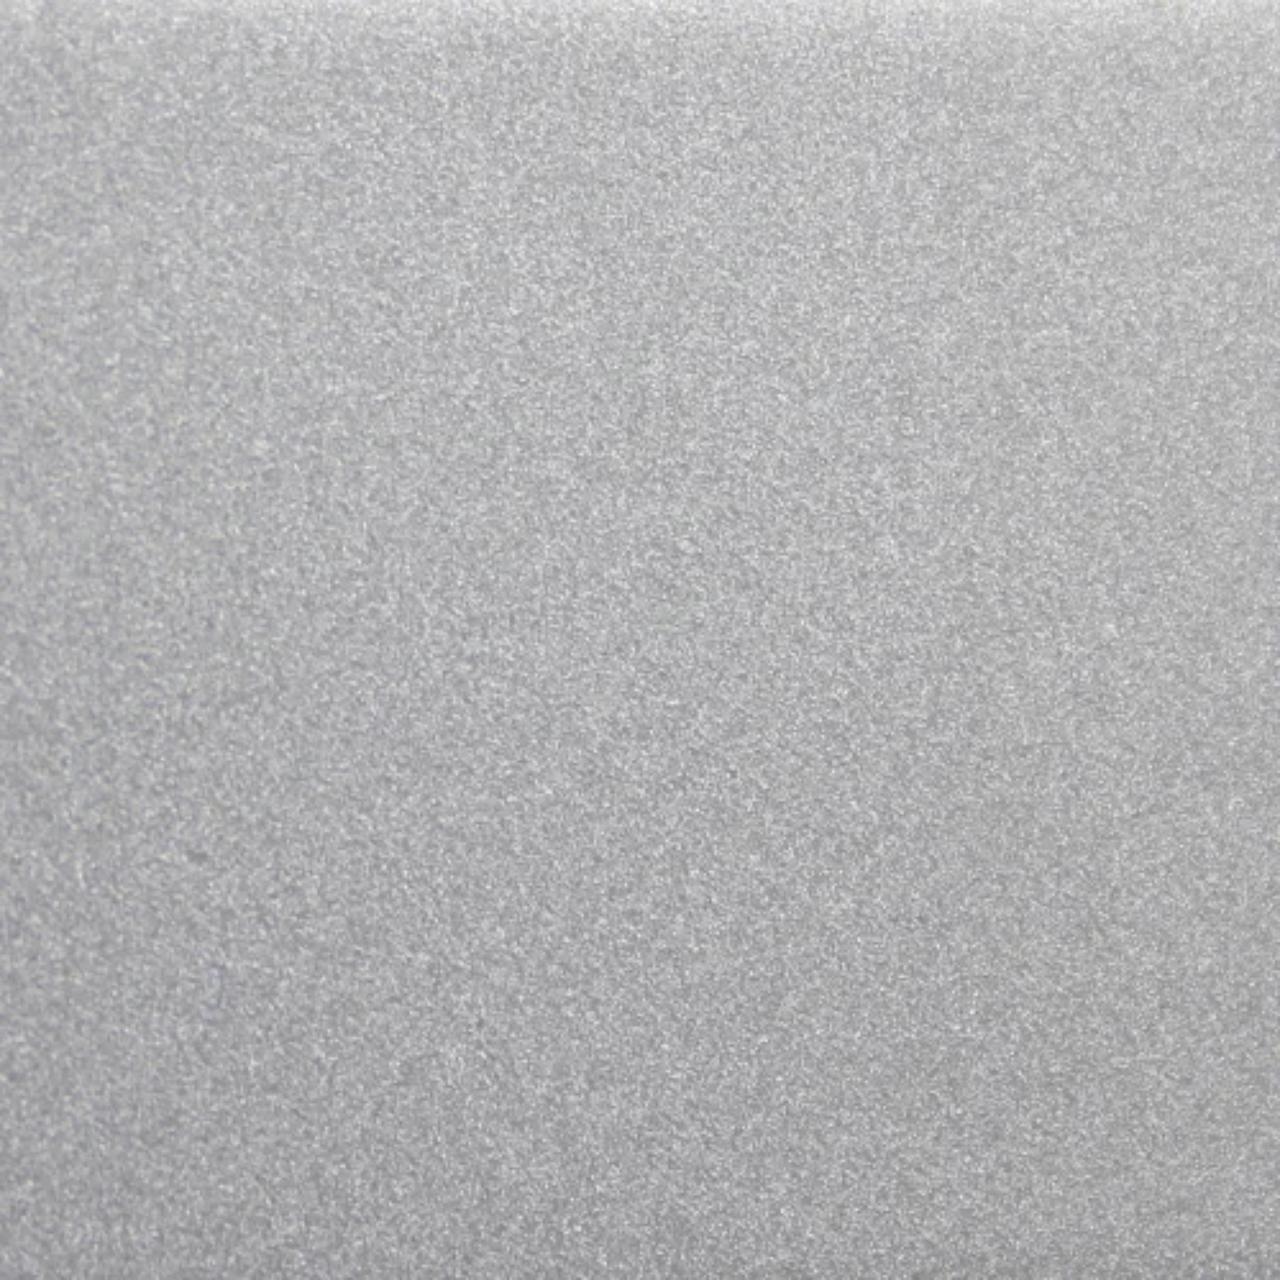 Алюкобонд 318 серебро 8801 ARABOND